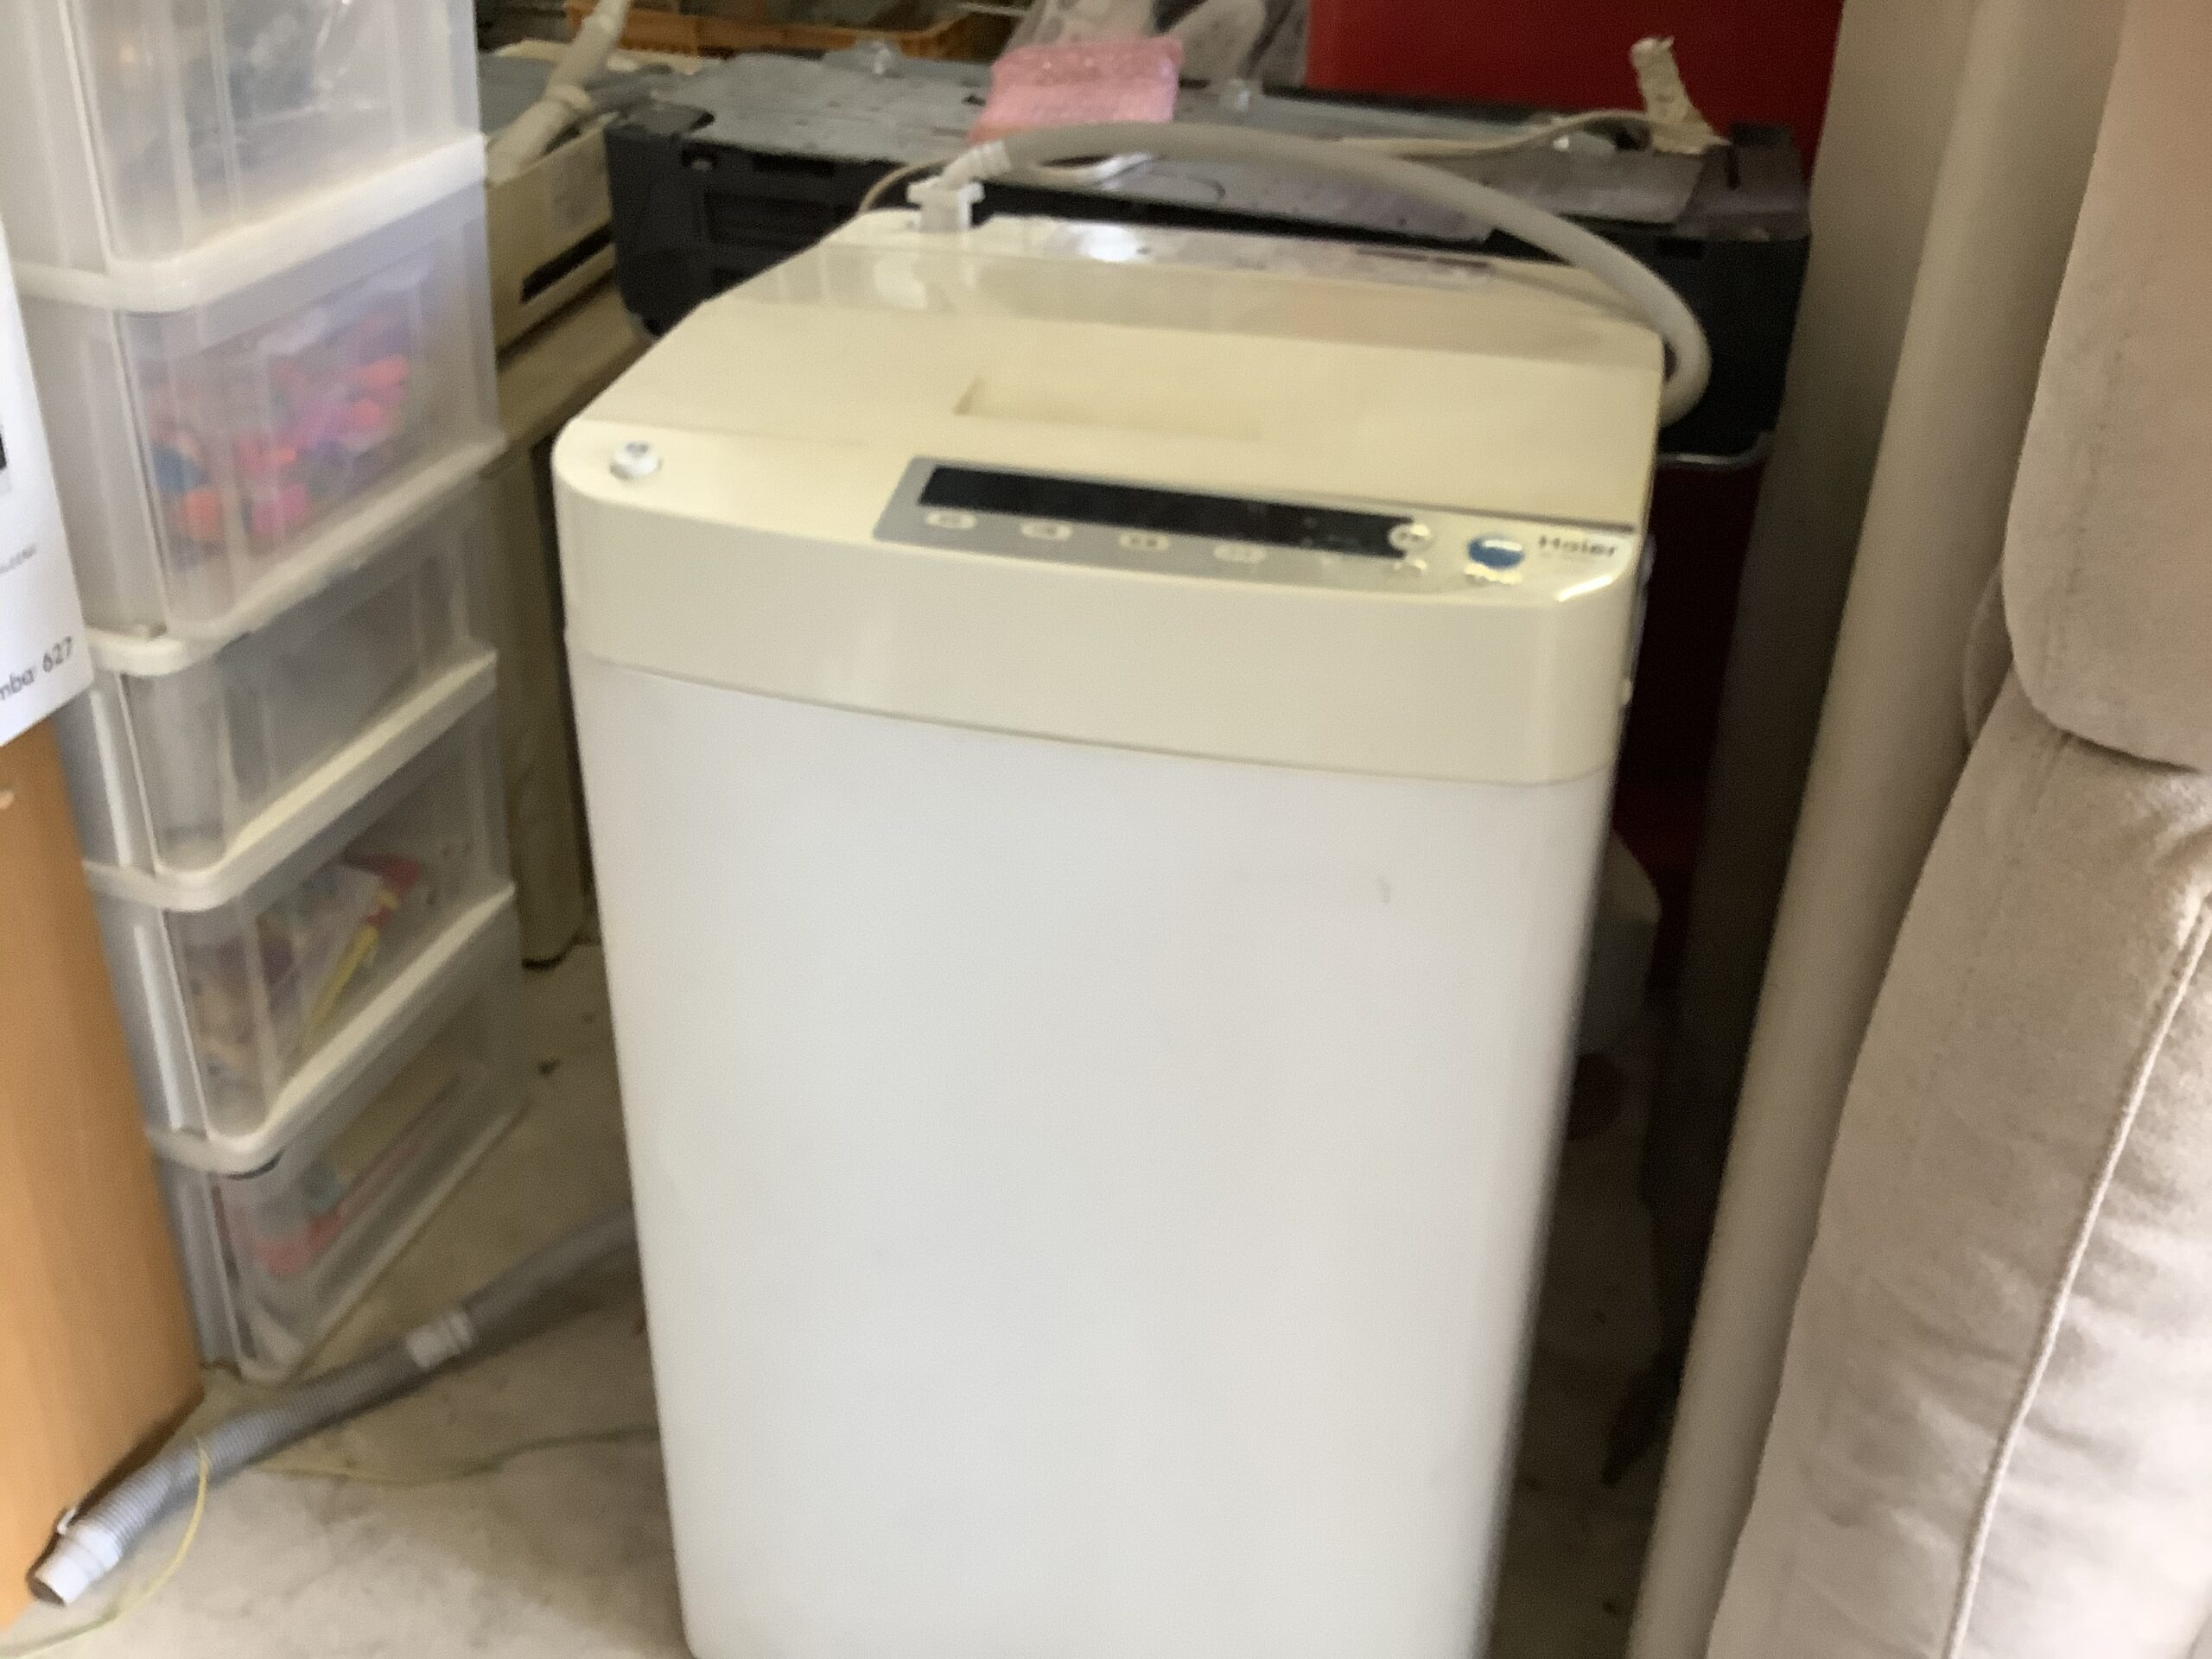 福山市伊勢丘で回収した洗濯機